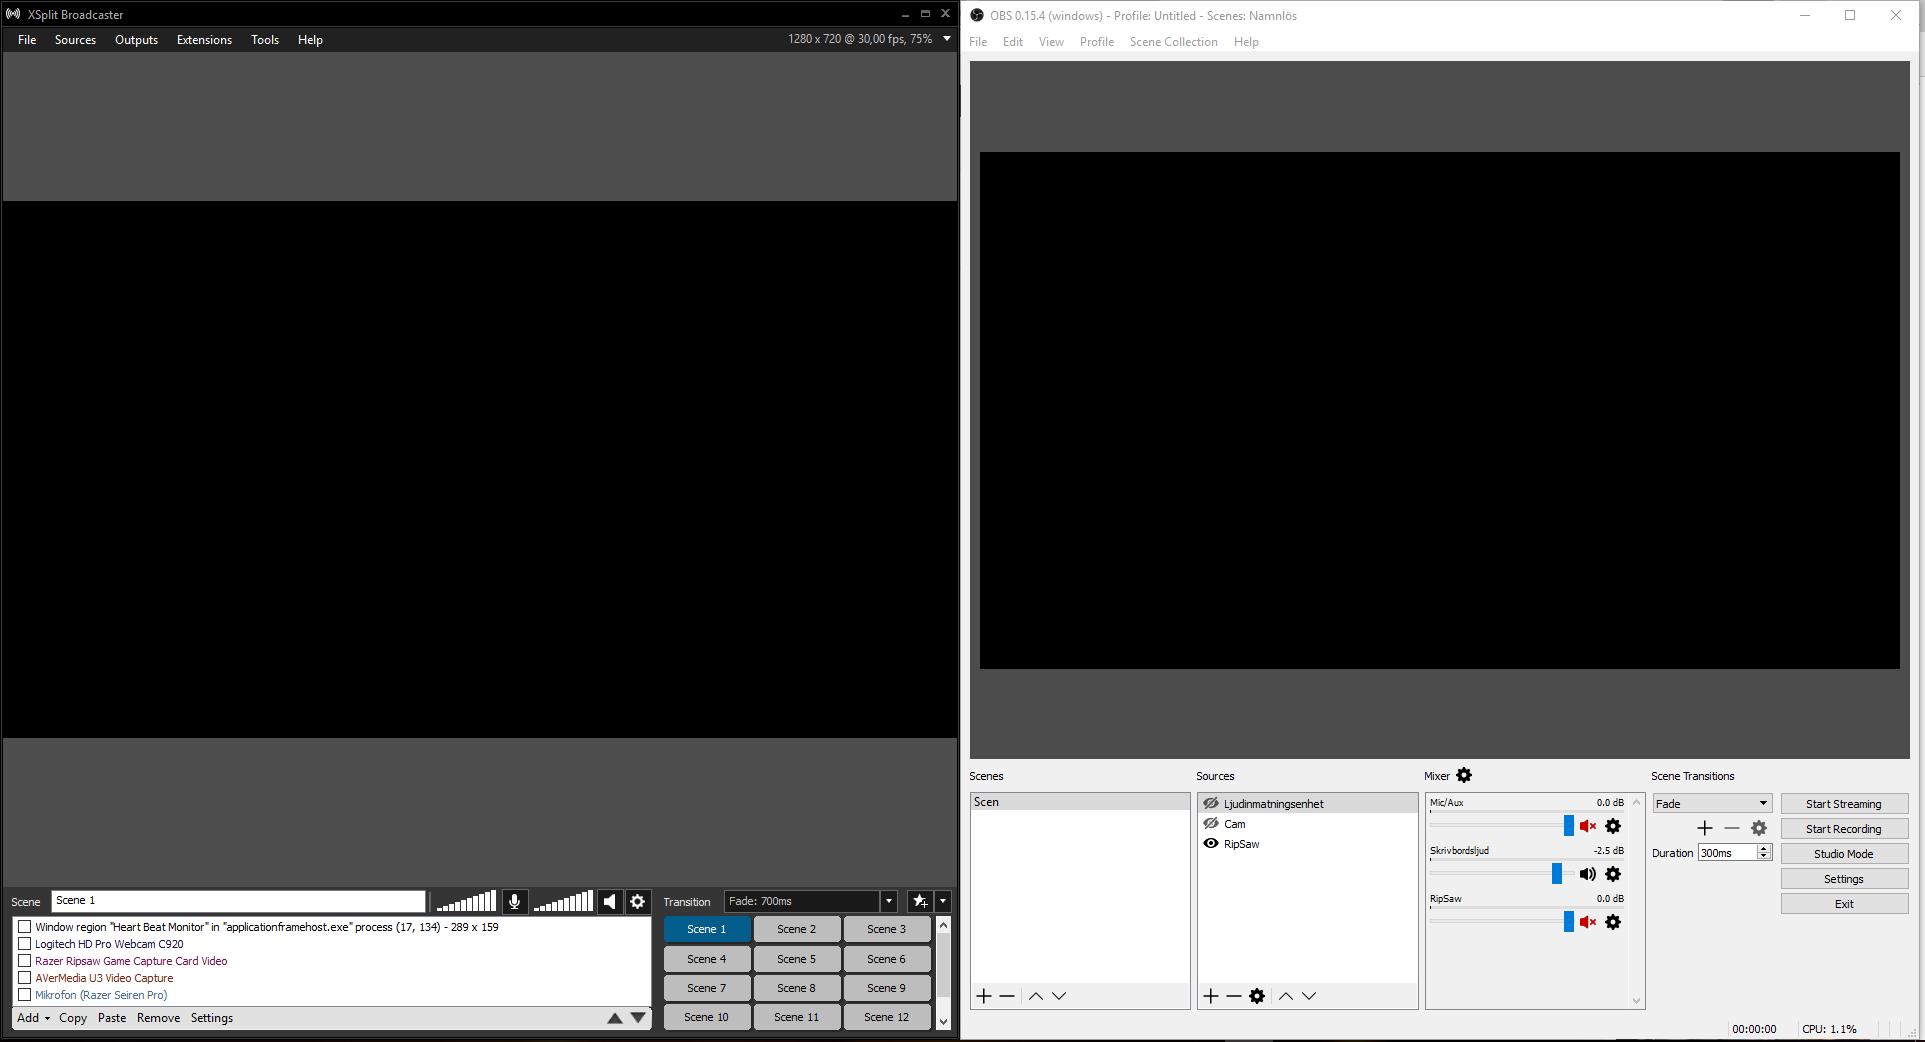 OBS och XSplit har både liknande layout och funktioner